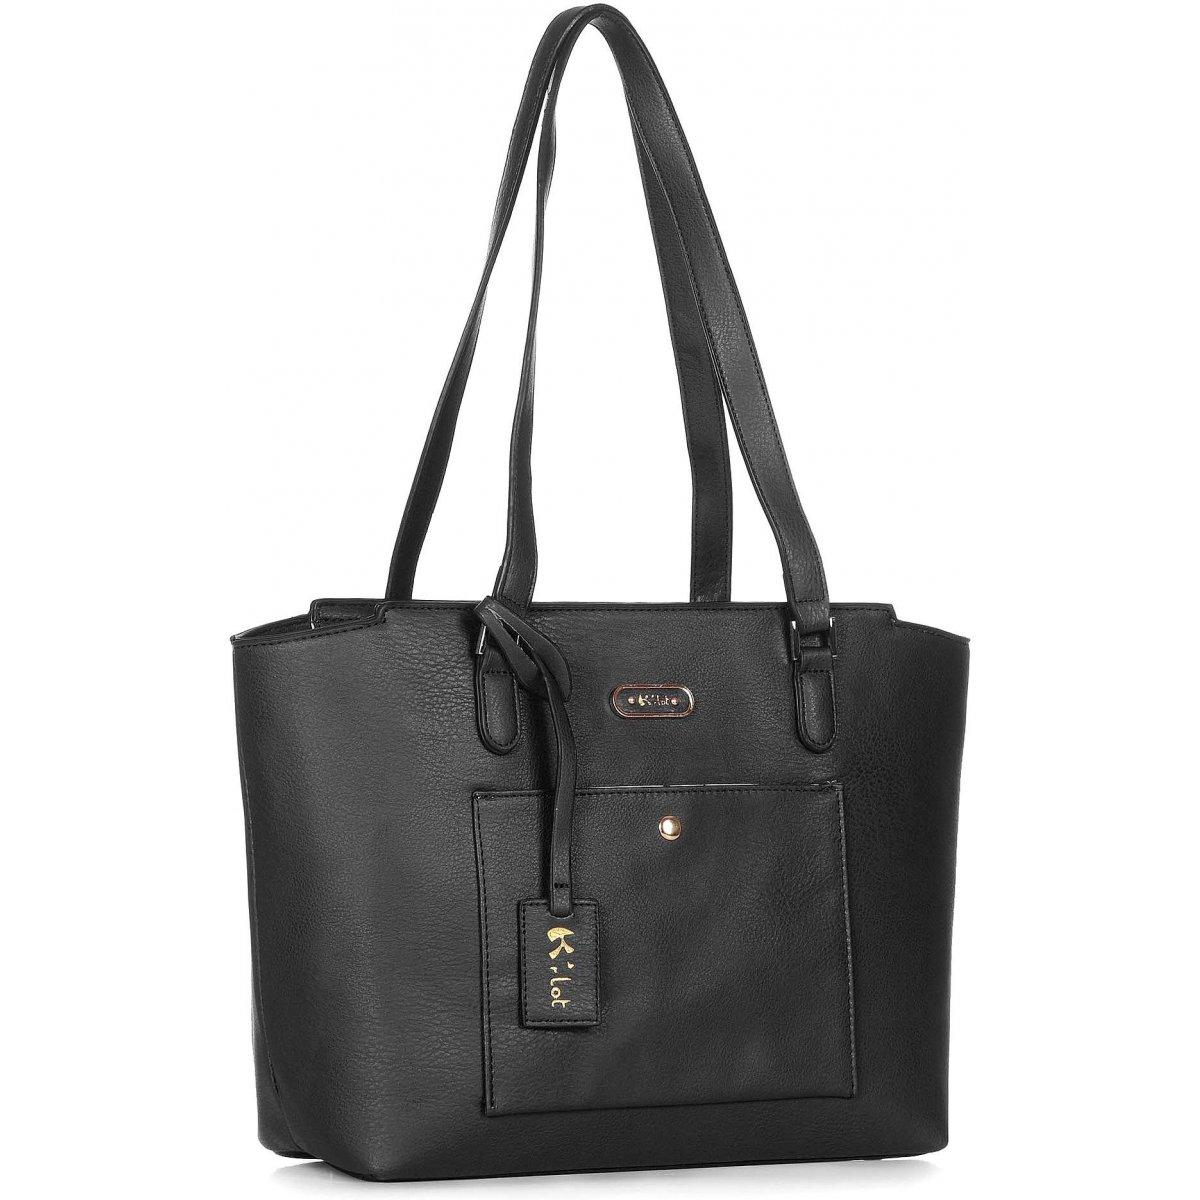 Sac main les sacs de krlot fkg0003 couleur noir promotion - Sac de ciment pas cher ...